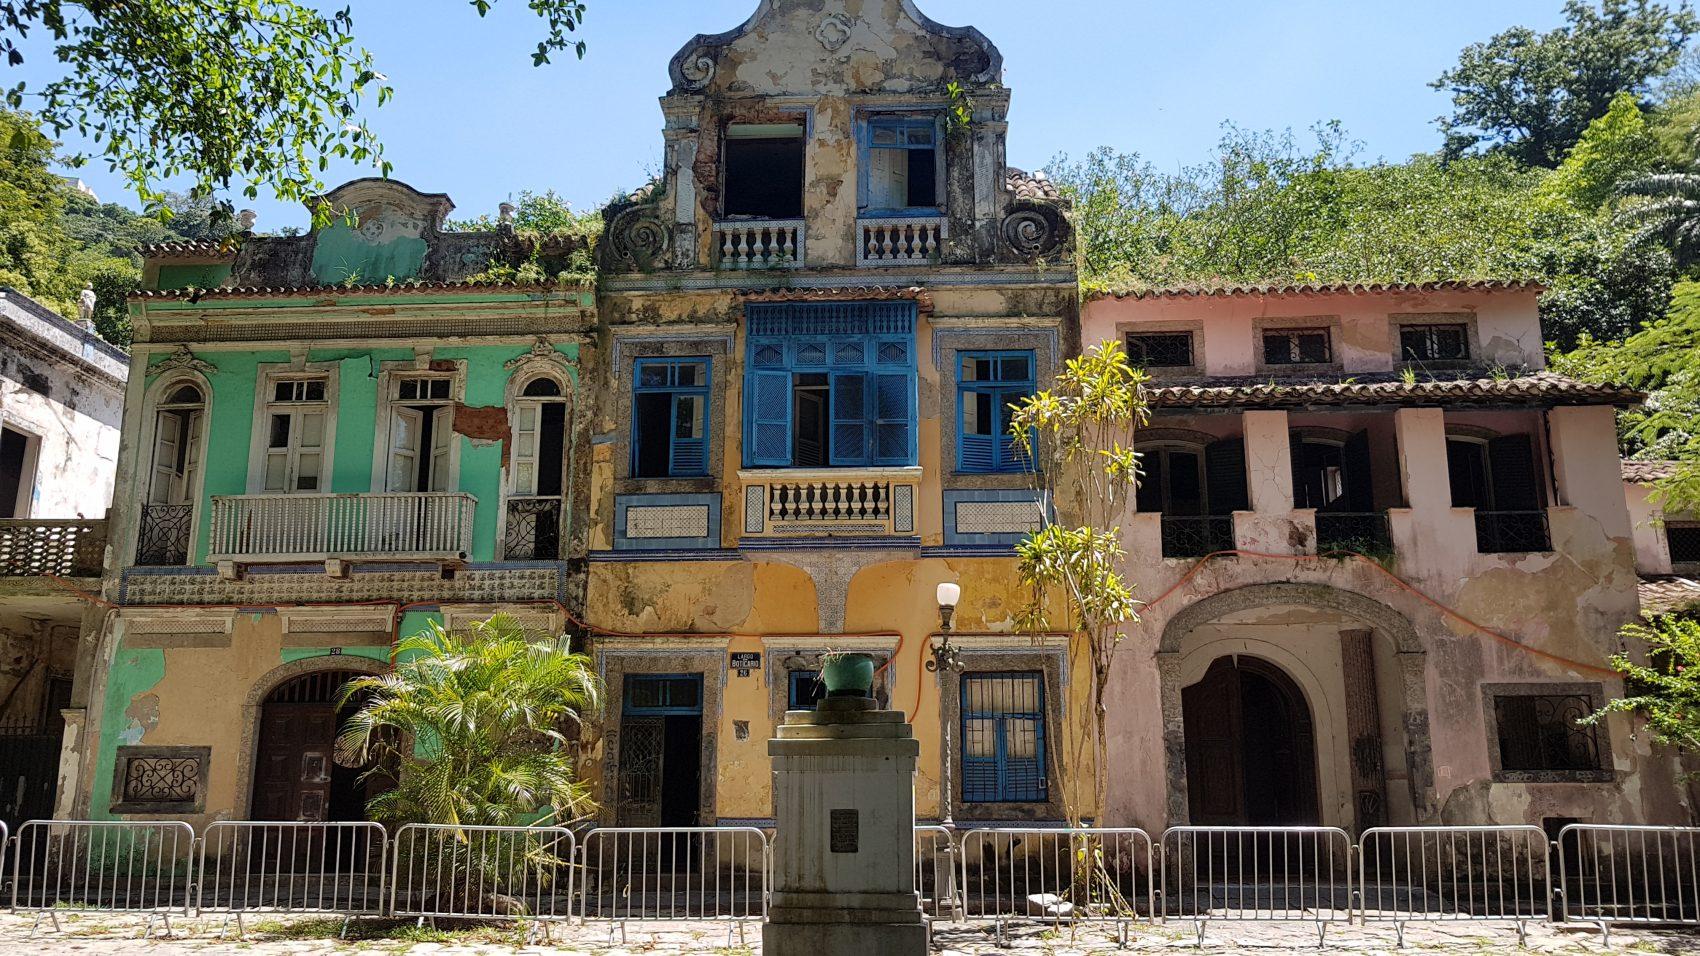 Casarões do Largo do Boticário: joia arquitetônica de quase um século passou por processo de abandono mas foi comprada por grupo hoteleiro (Foto: Oscar Valporto)